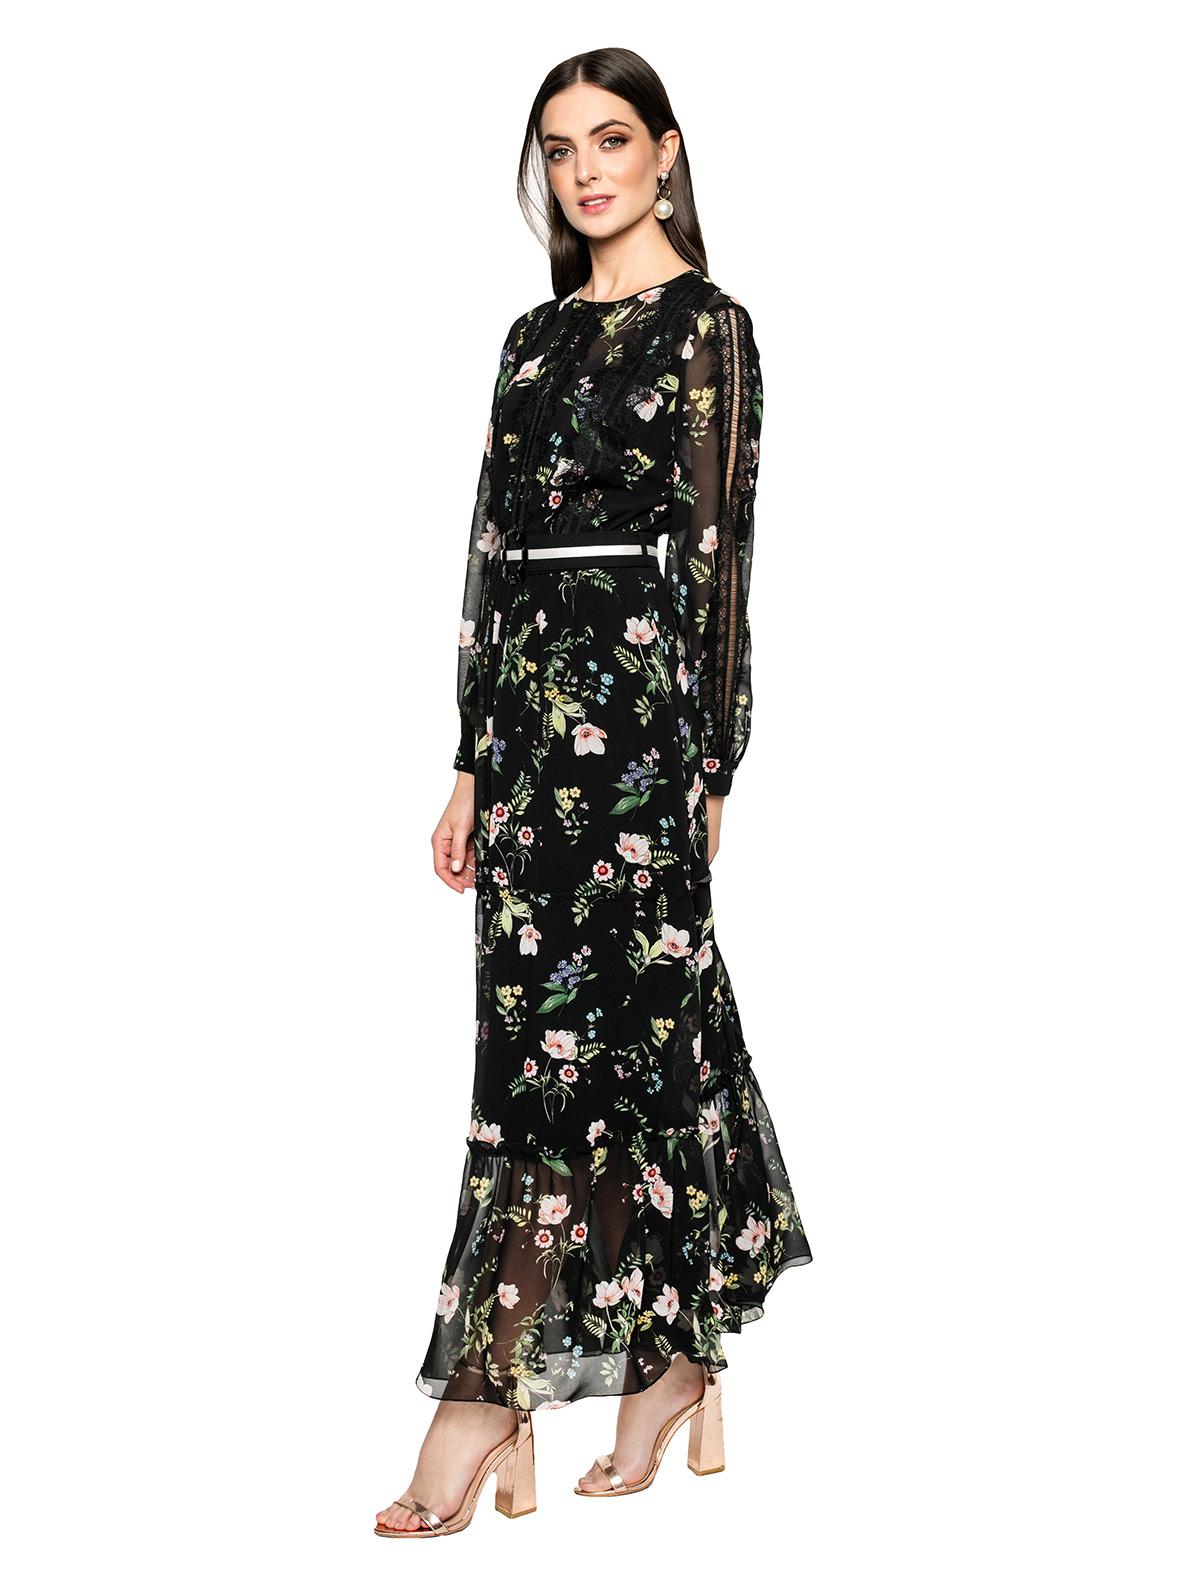 Sukienka wieczorowa Demeter czarna długa sukienka damska z